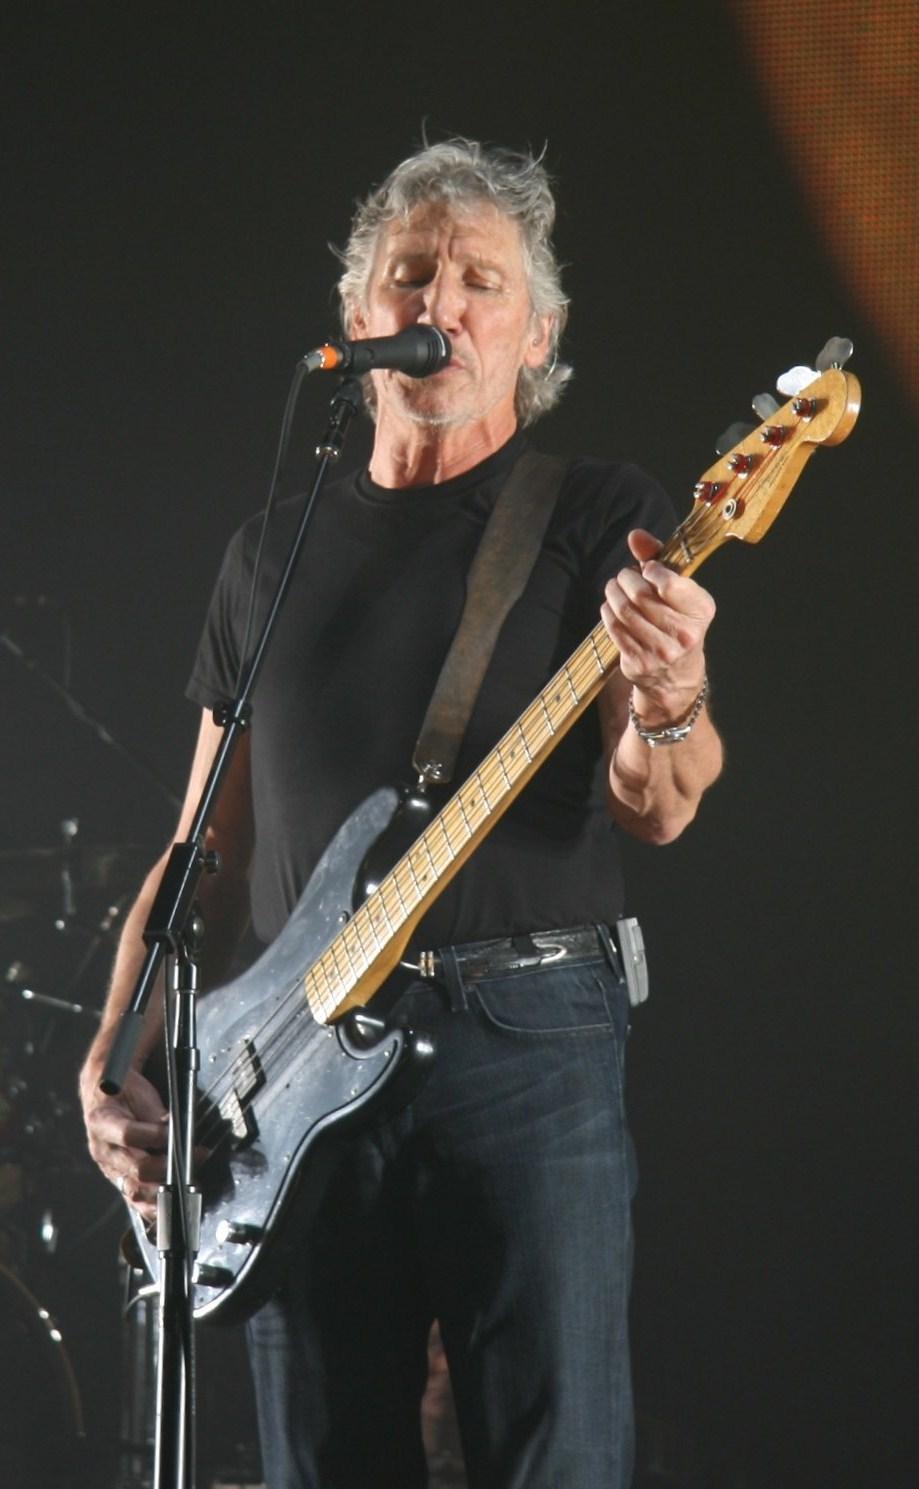 Veja o que saiu no Migalhas sobre Roger Waters